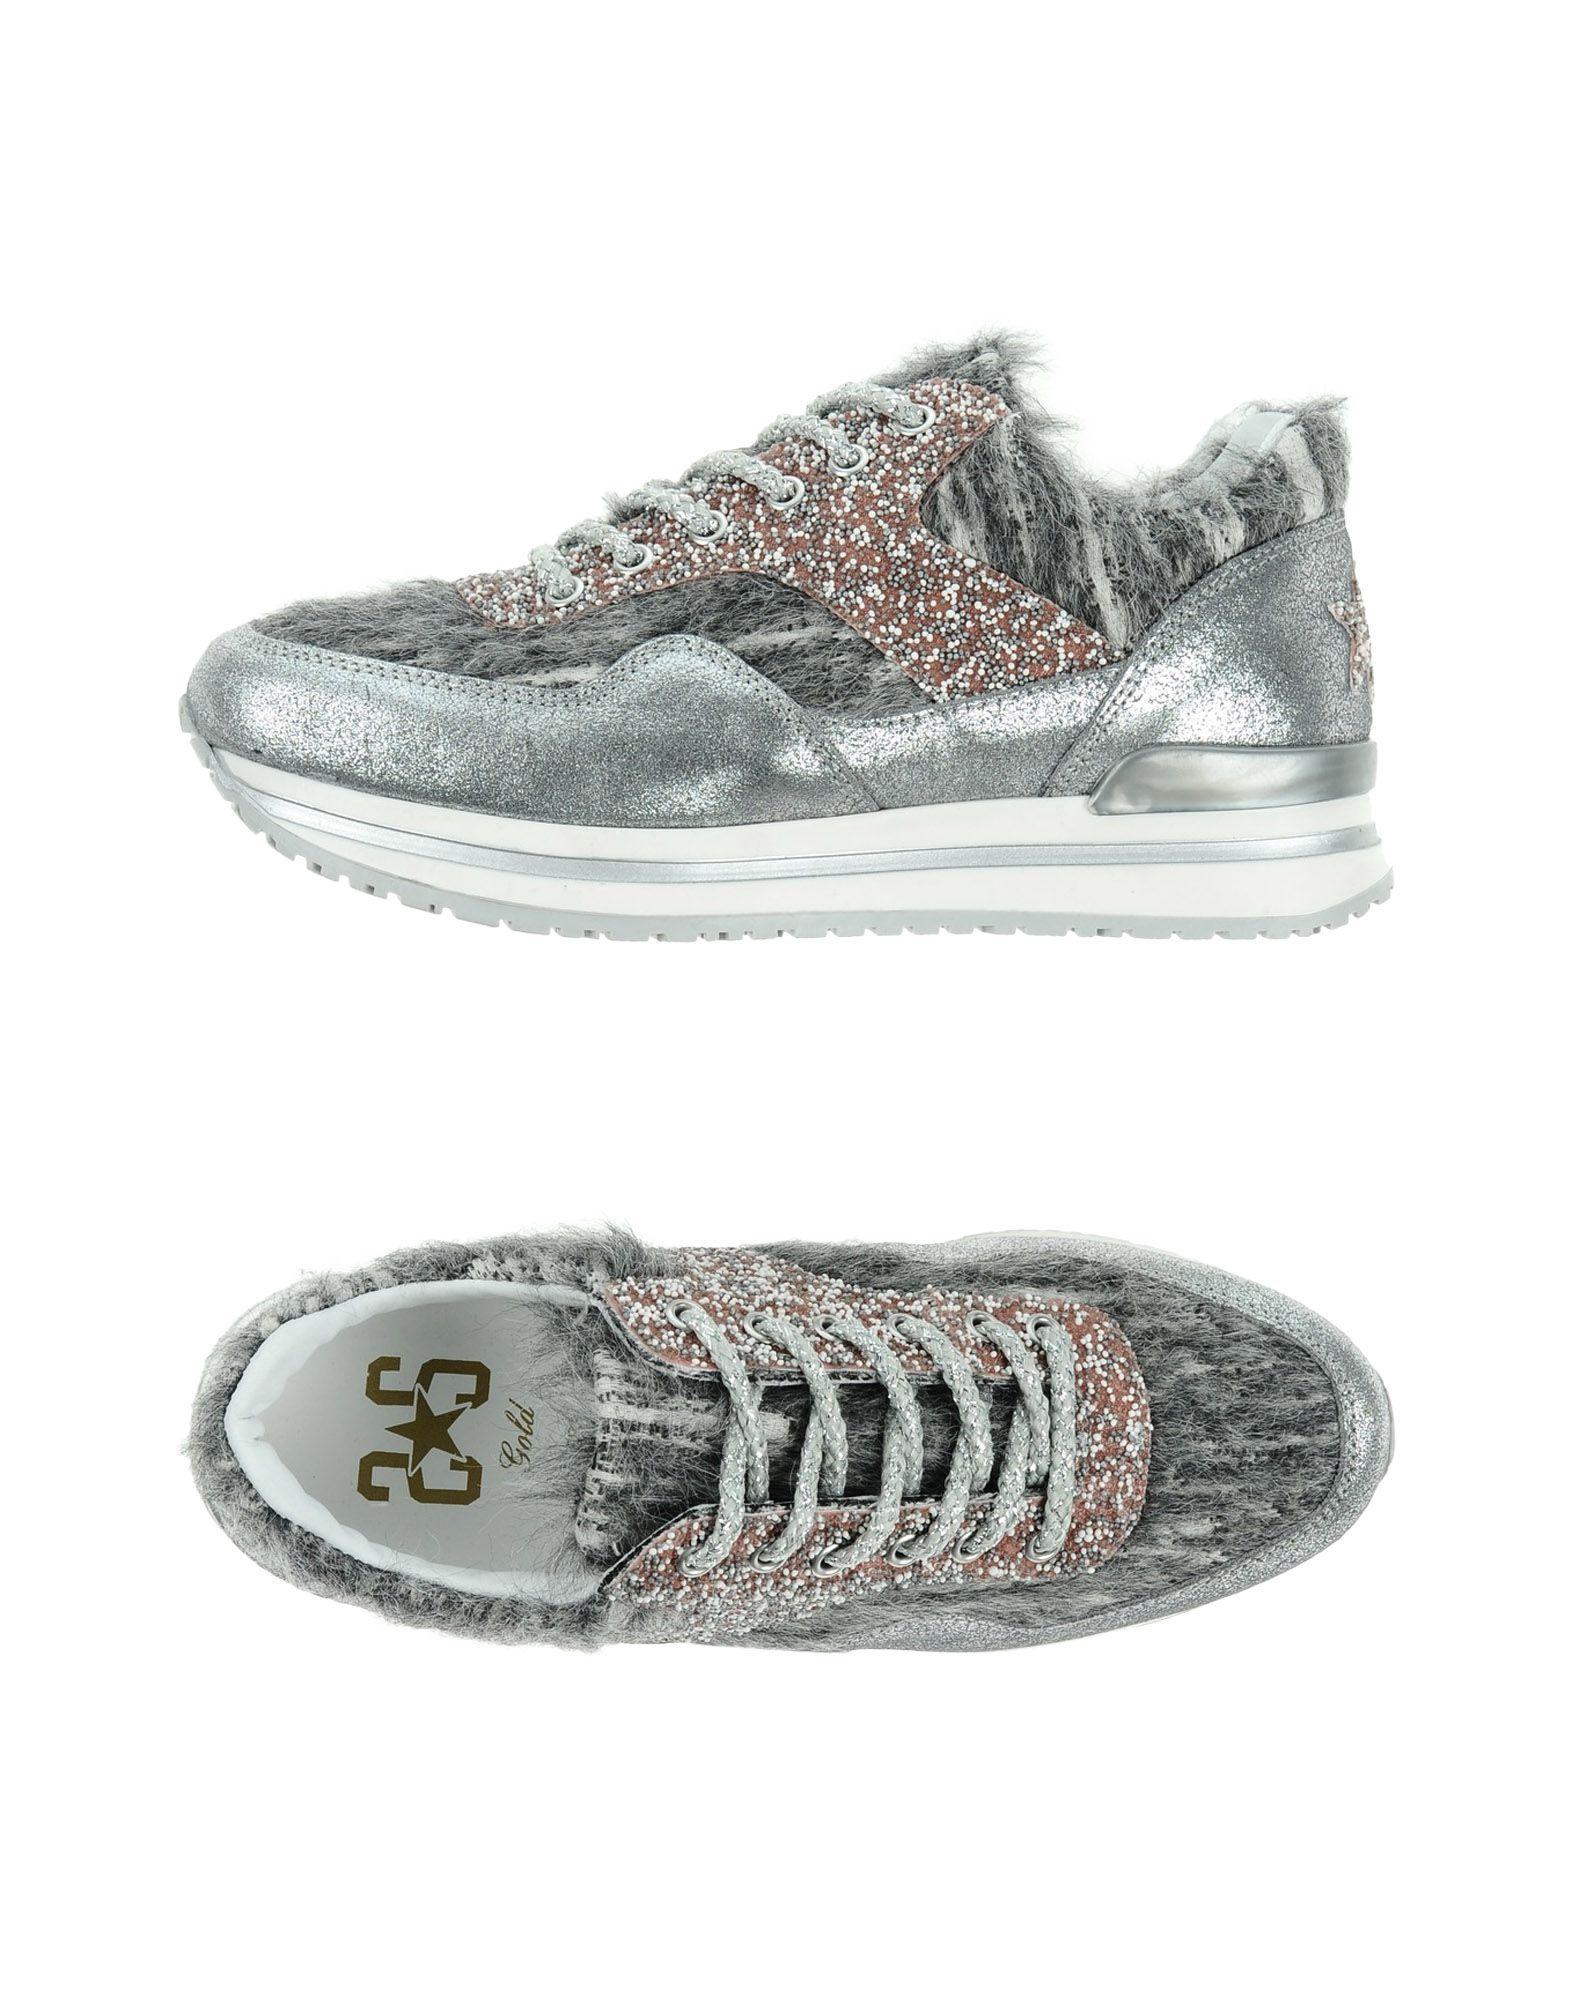 2Star Sneakers Damen  11336911LF Gute Qualität beliebte Schuhe